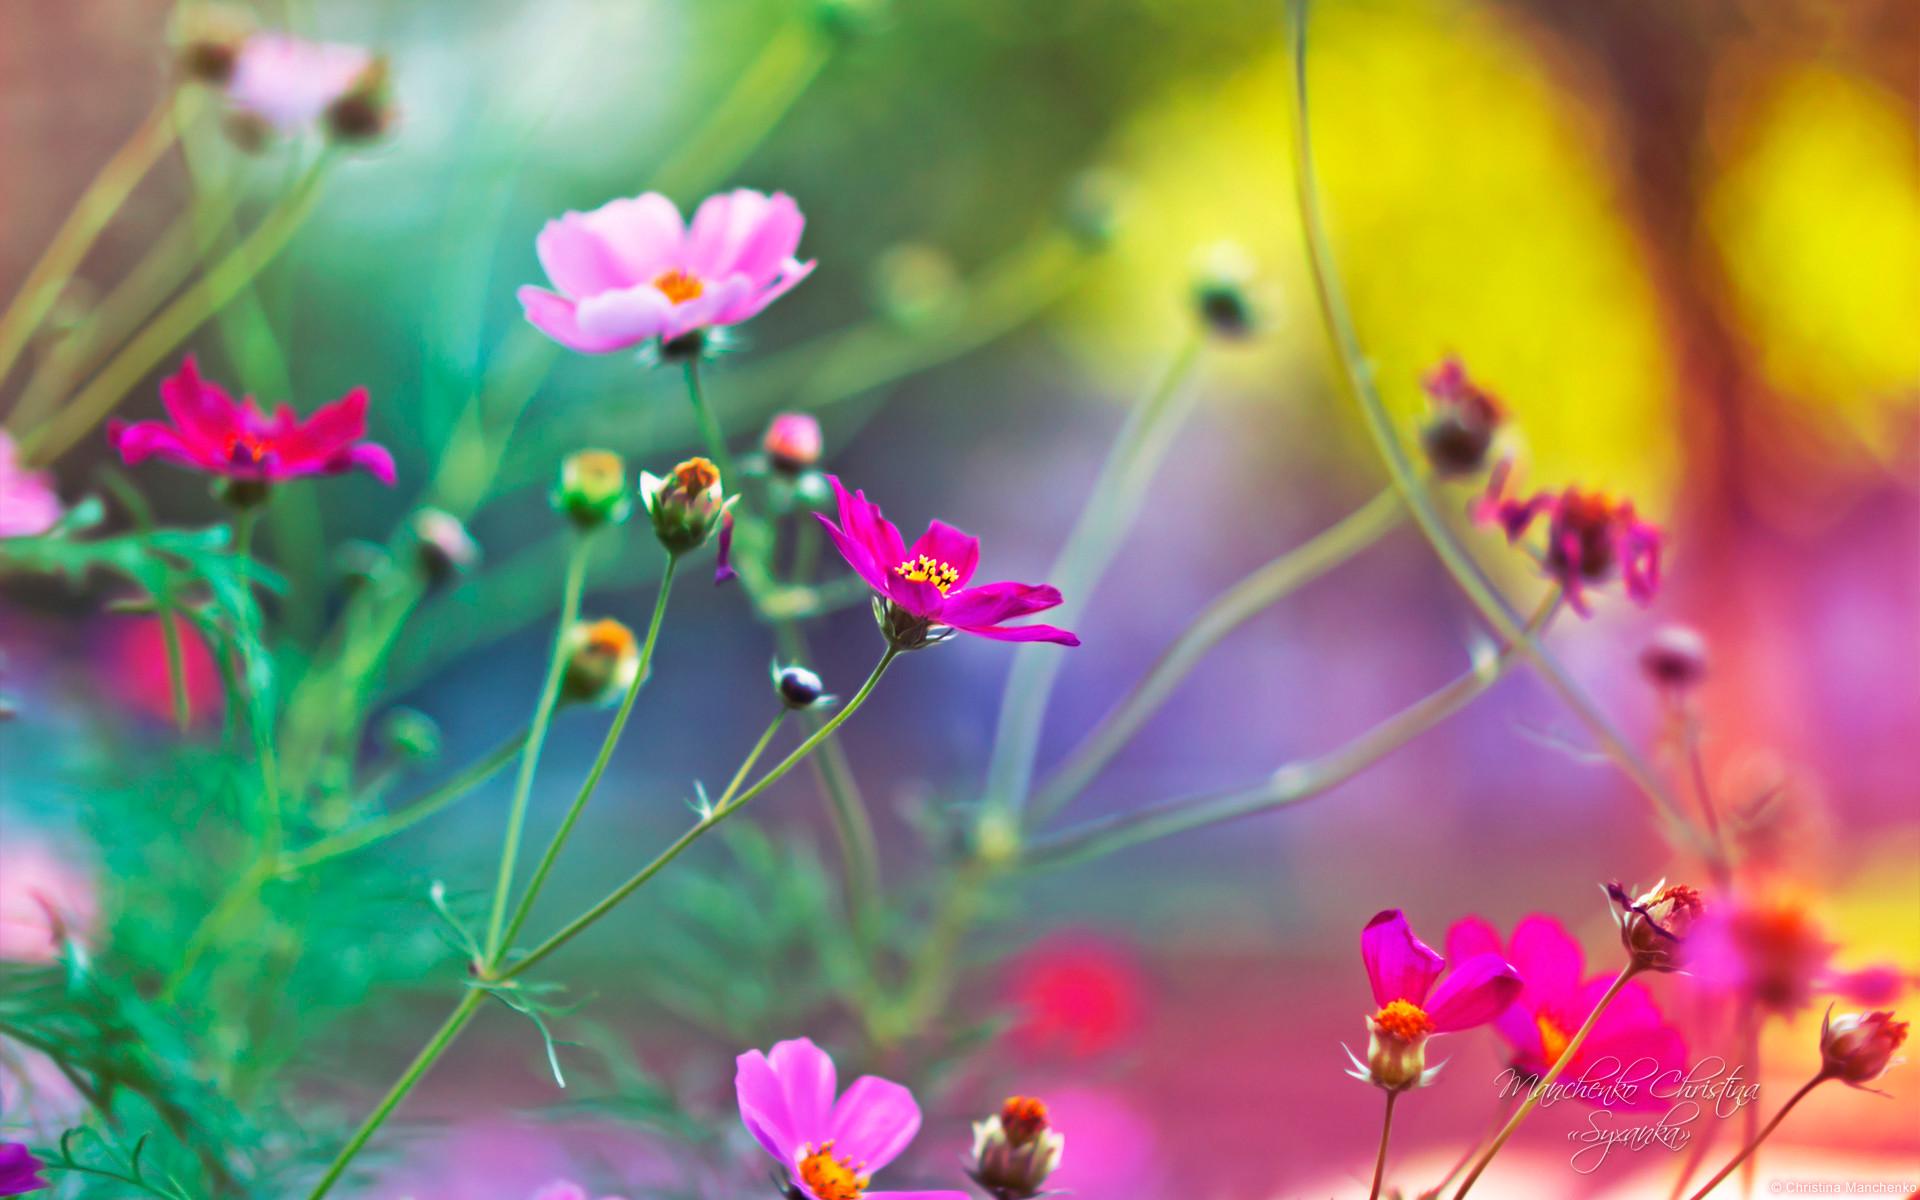 An excellent flower wallpaper for Windows 8